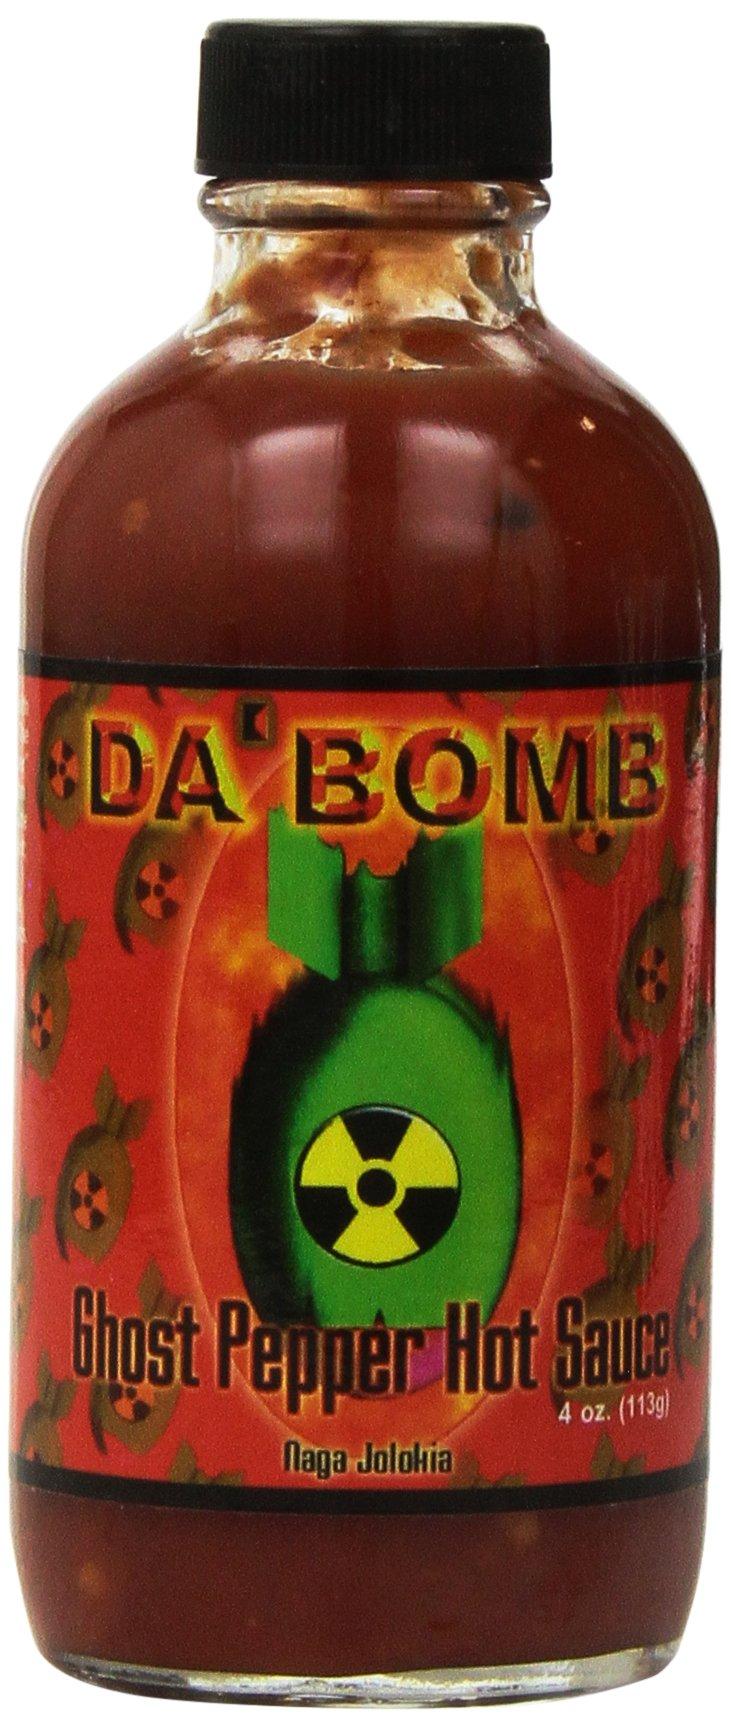 Da Bomb Ghost Pepper HOT Sauces